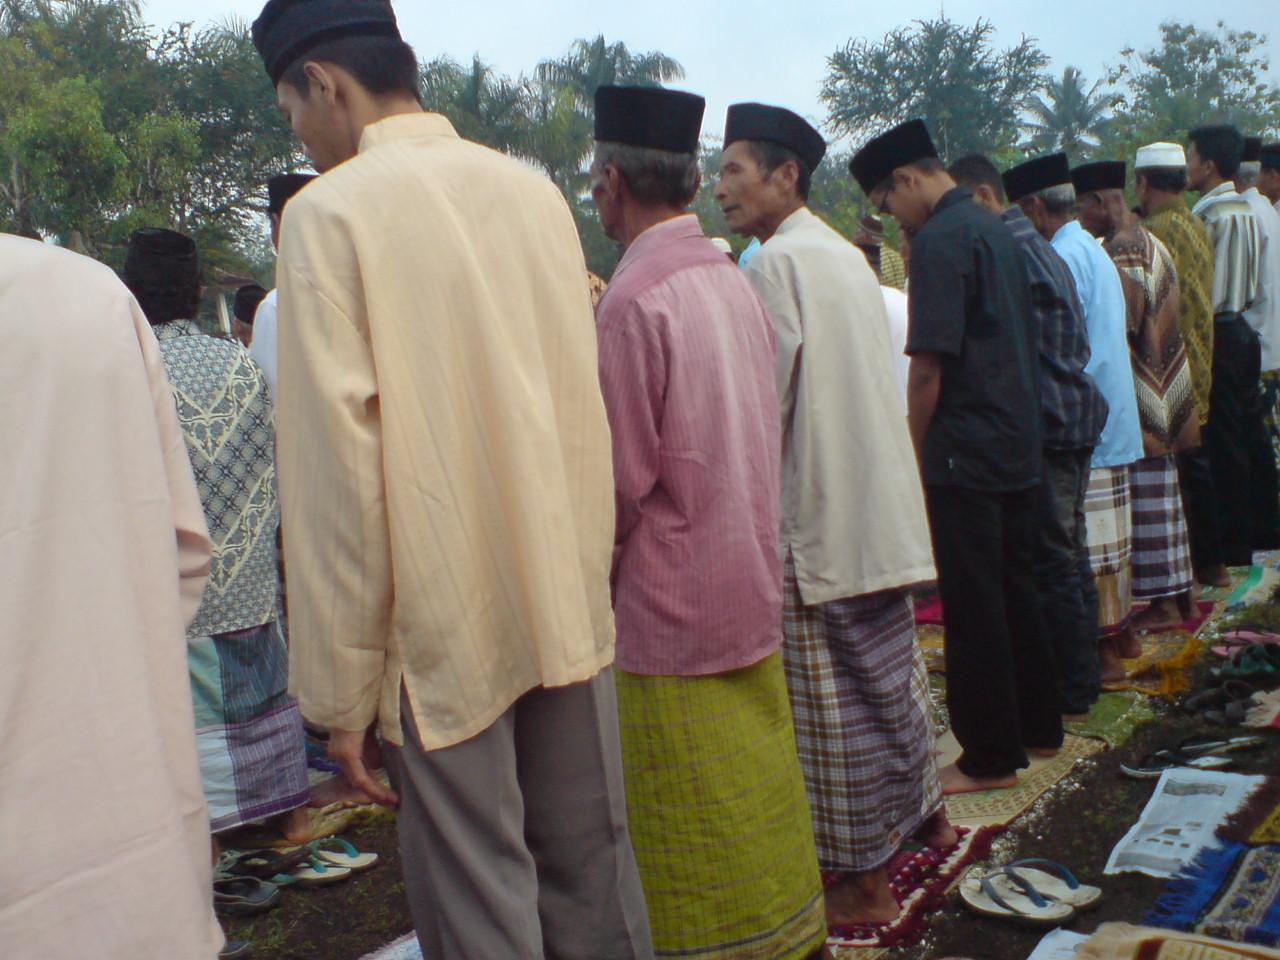 Shalat Ied di lapangan #grogol #indonesiabanget 09